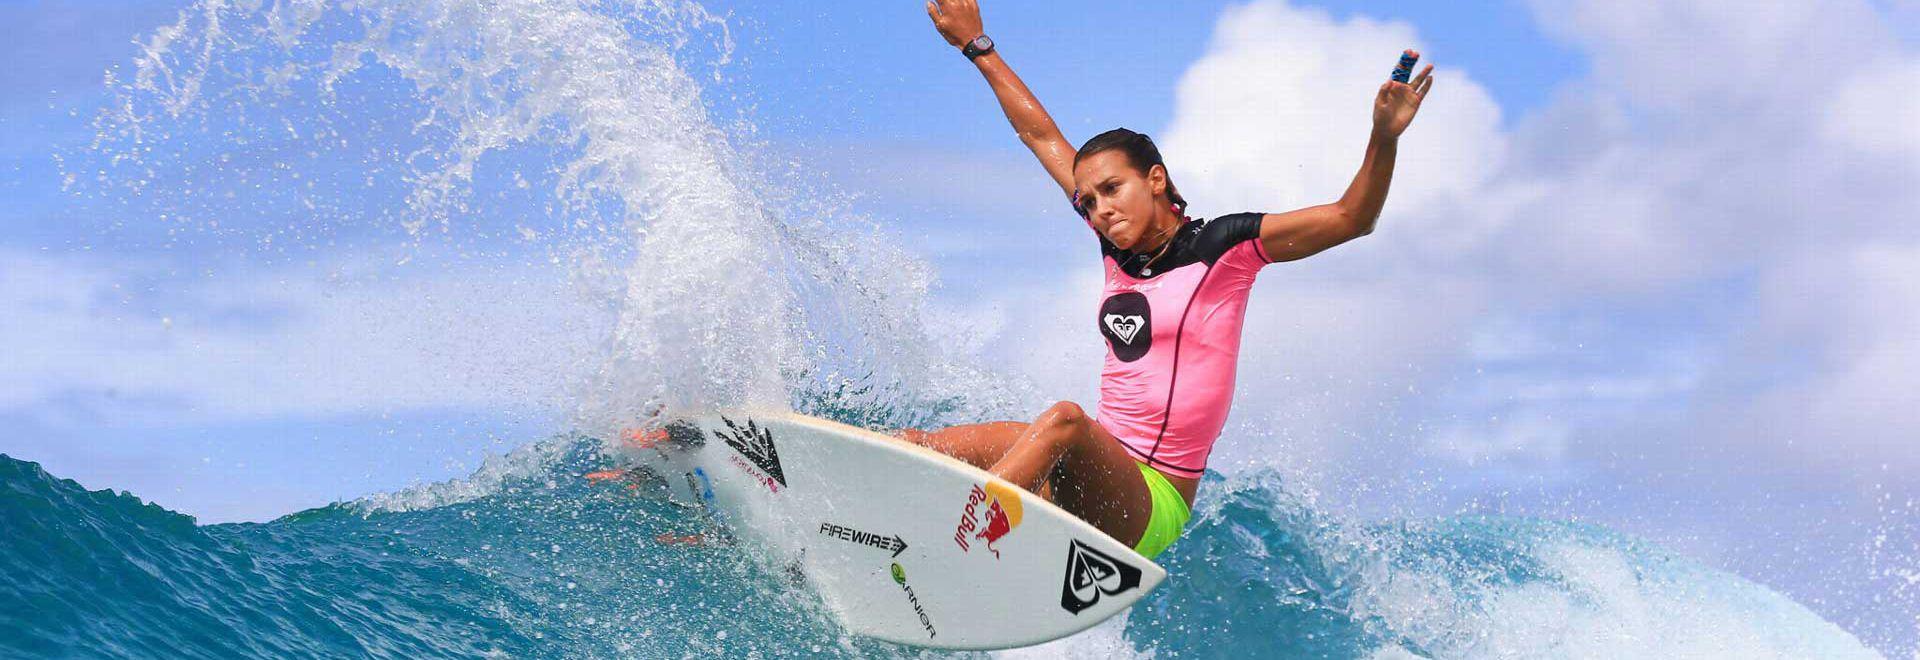 Curs mensual de surf per adults des de 89€